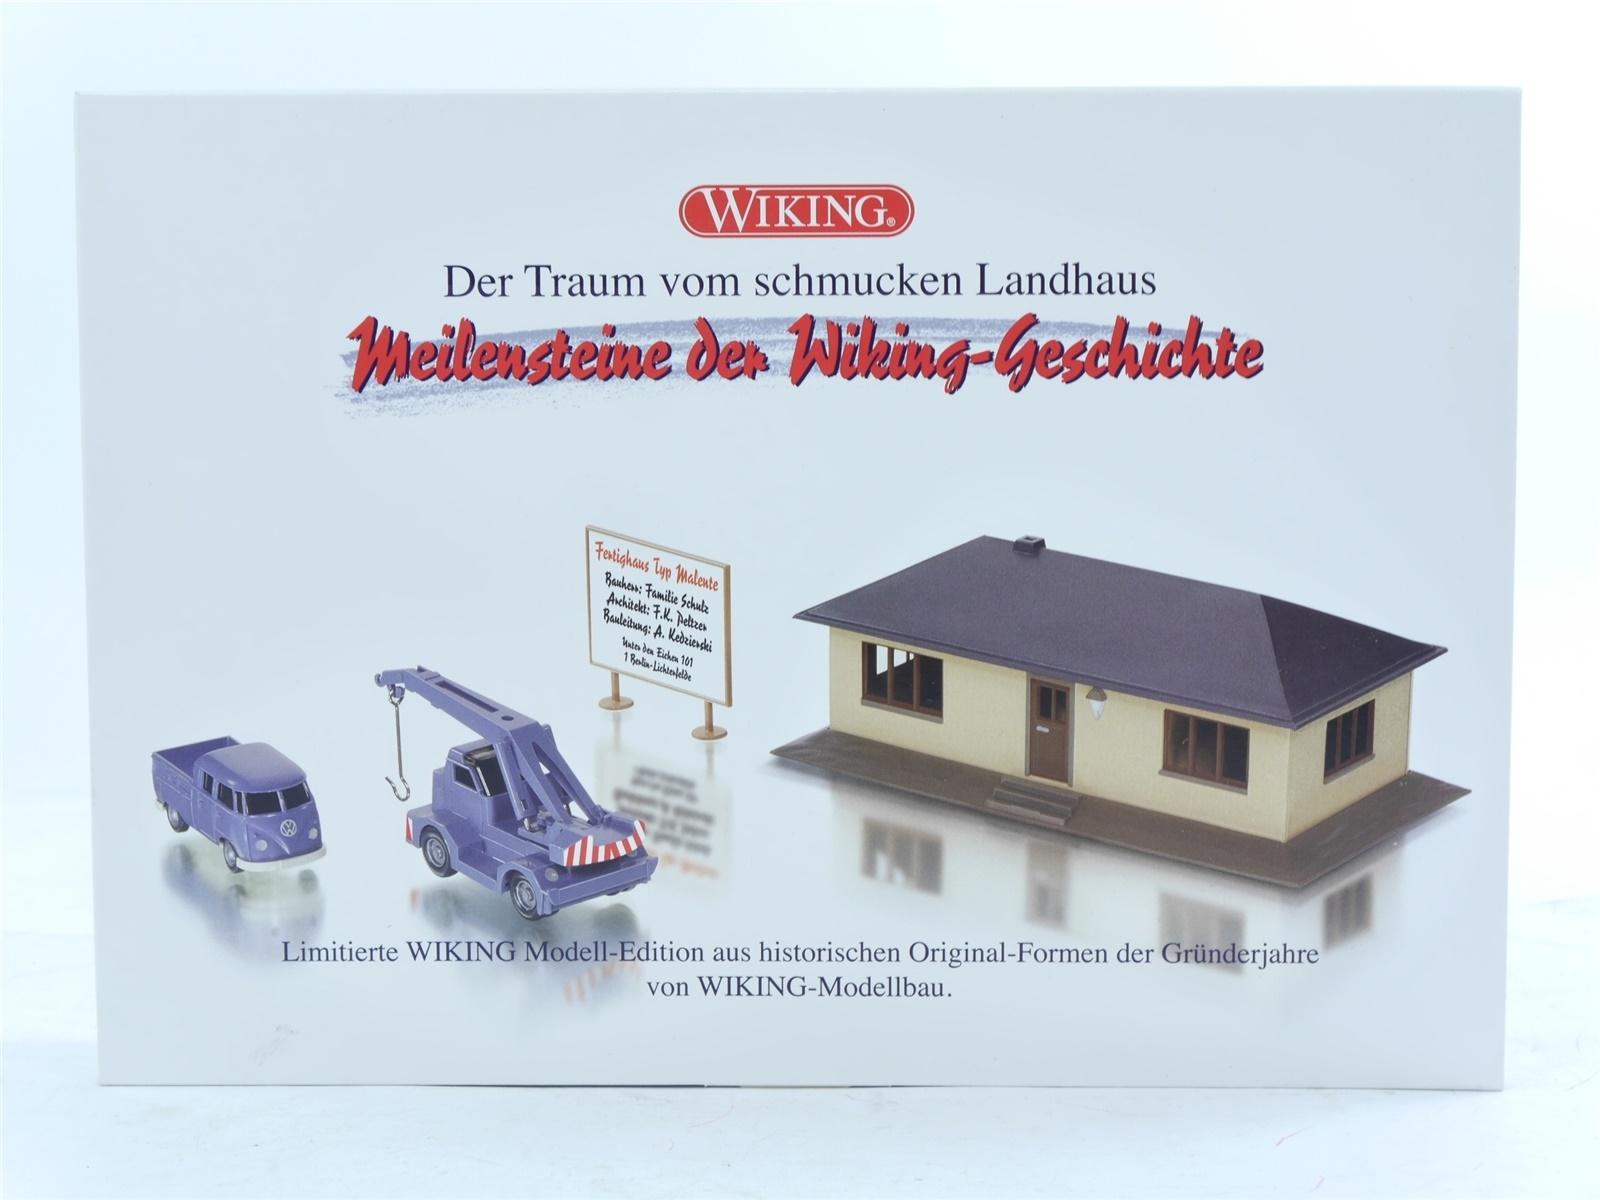 """E188 Wiking H0 0990 85 Modellauto-Set 4-tlg """"Traum vom schmucken Landhaus"""" *TOP*"""